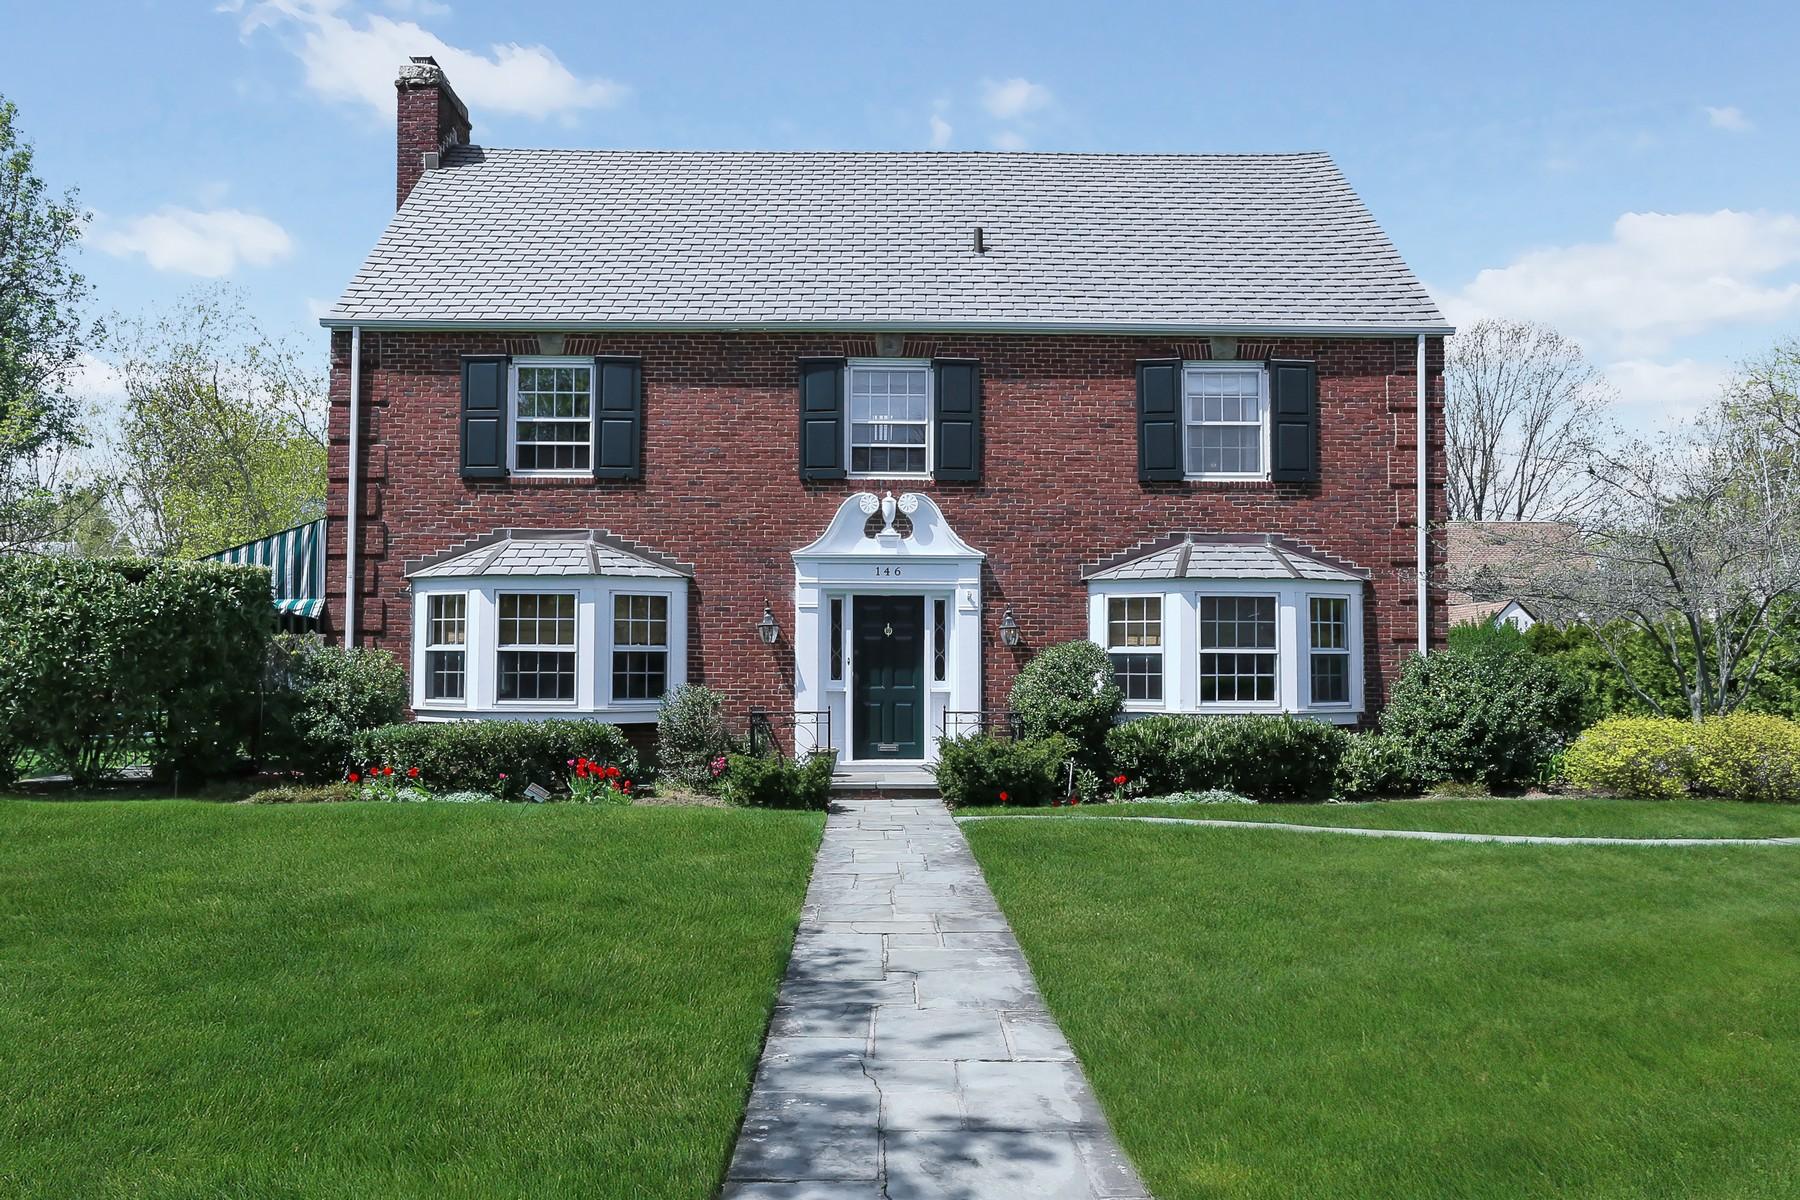 独户住宅 为 销售 在 Colonial 146 Nassau Blvd 花园城, 纽约州, 11530 美国